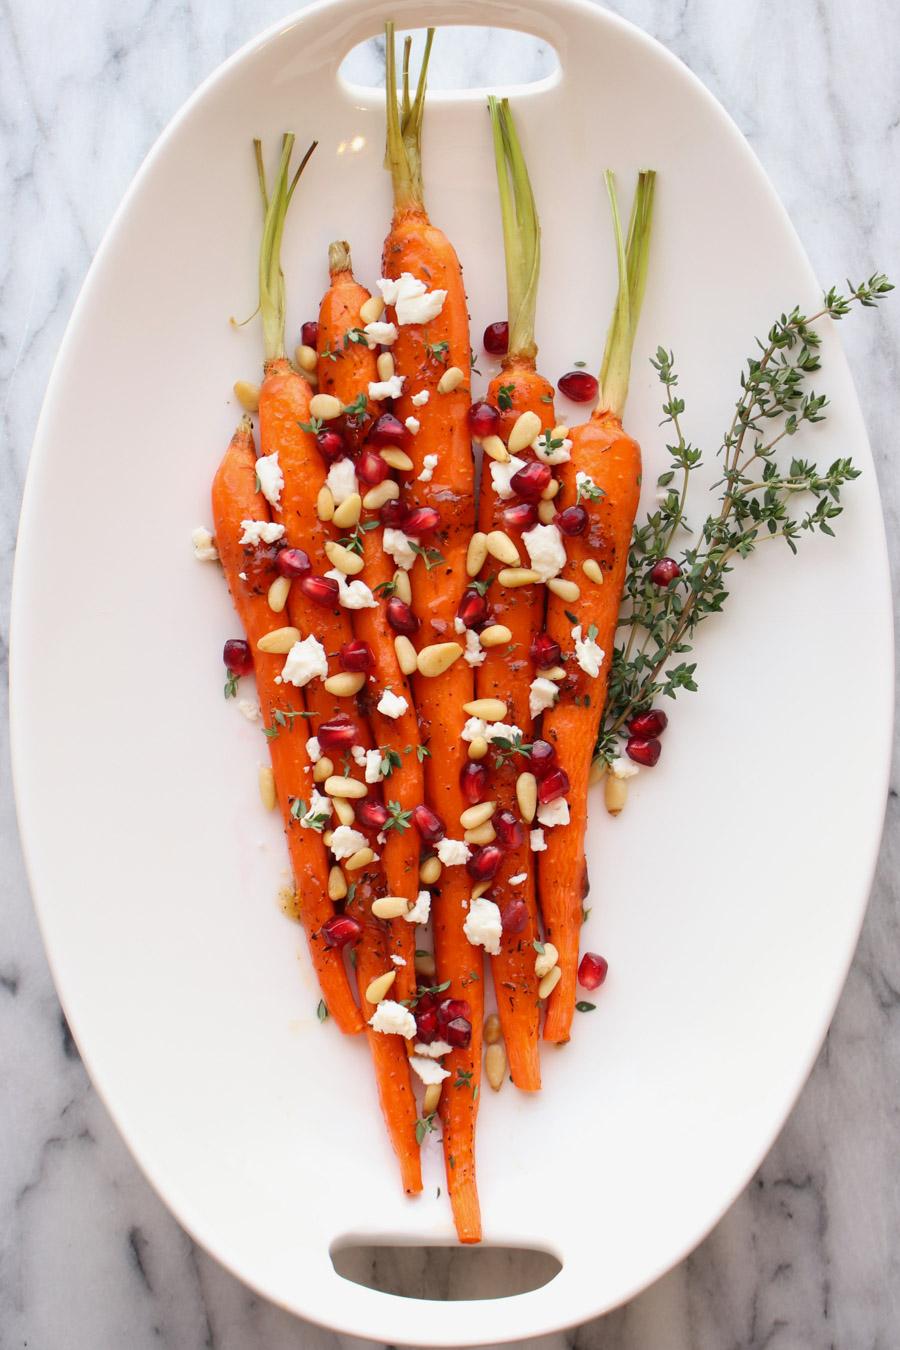 Platter of Apricot Honey Glazed Carrots